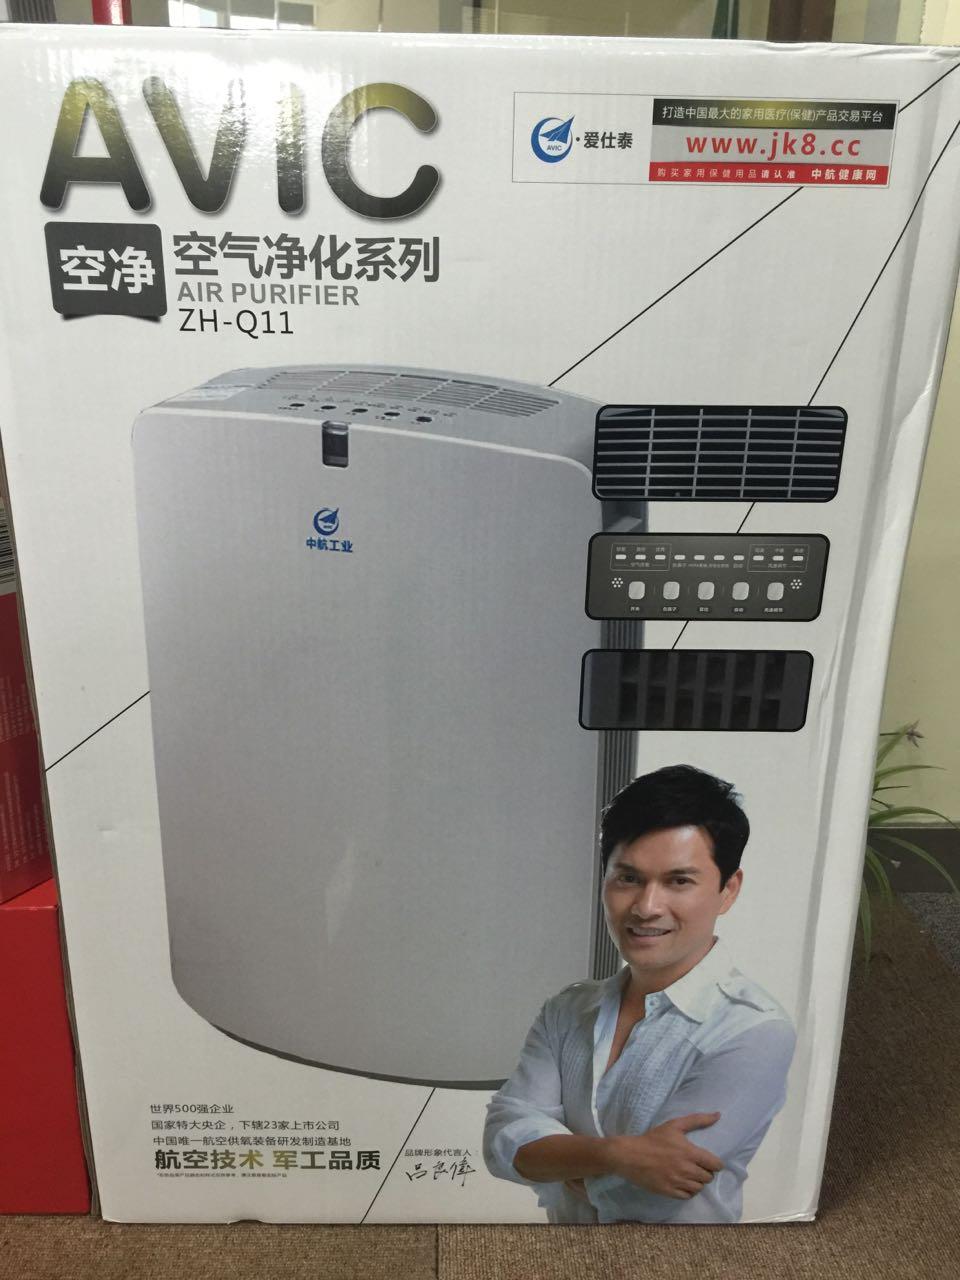 来自汤**发布的供应信息: 中航空气净化器拥有六大国内领... - 湖南省生宝生物科技有限公司